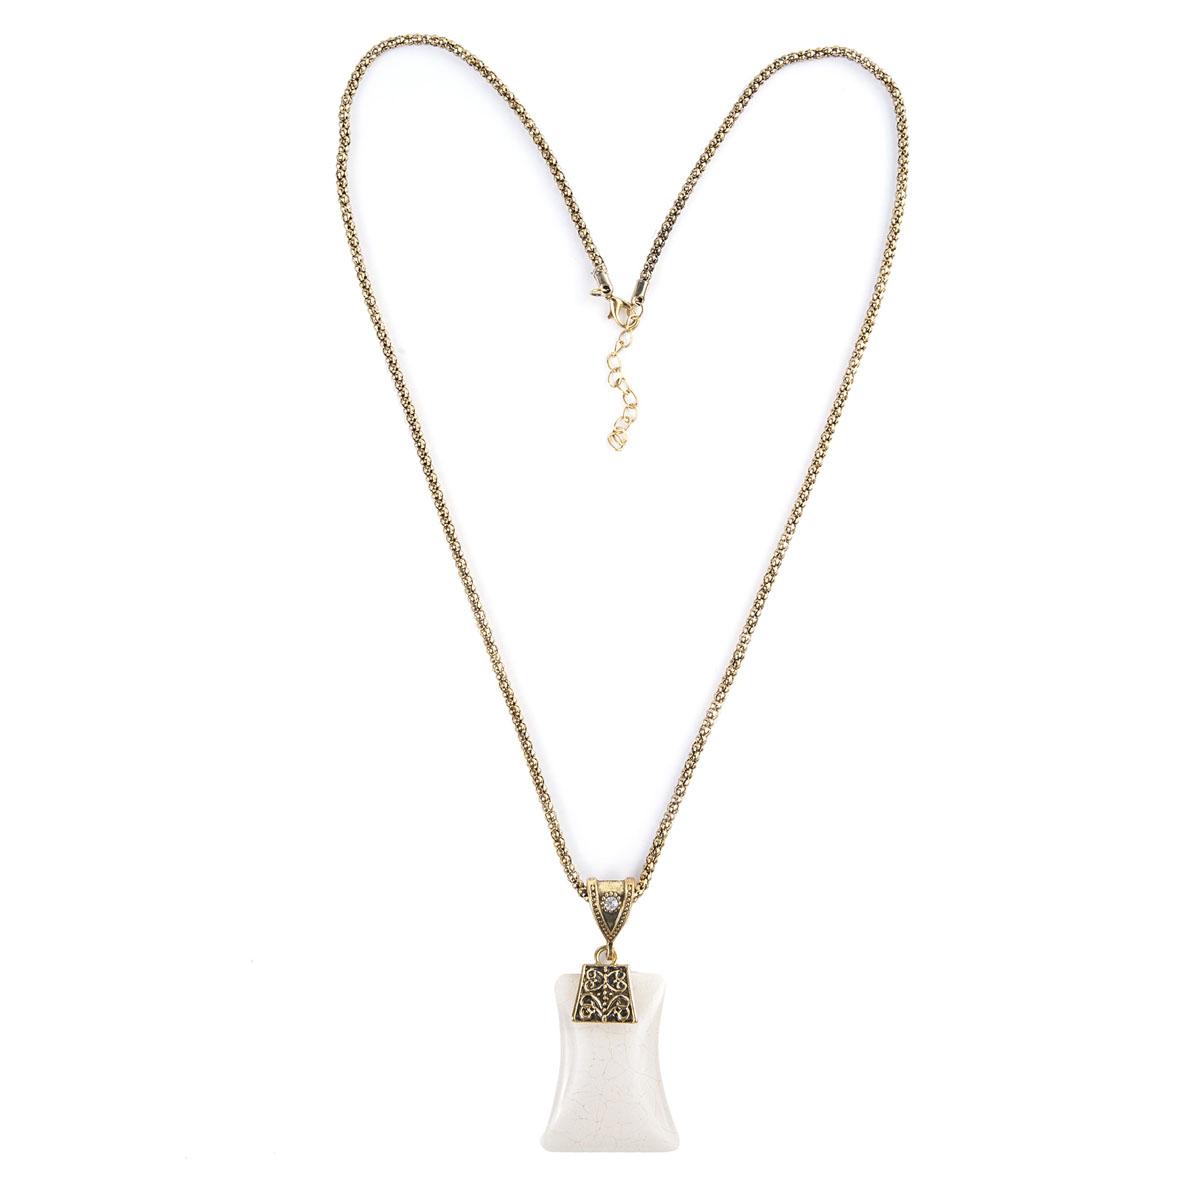 Ожерелье Модные истории, цвет: бежевый, золотой, черный. 12/0741/00612/0741/006Роскошное ожерелье Модные истории, изготовленное из металла, состоит из цепочки и стильной подвески. Металлическая подвеска оригинальной формы украшена гравированными узорами и оформлена стразом, а также крупным искусственным камнем из акриловой смолы. В комплект с подвеской входят металлическая цепочка и текстильный шнурок, которые застегиваются на замок-карабин. Длина ожерелья регулируется. Изысканное ожерелье добавит женственных ноток в образ и подчеркнет вашу утонченную натуру.